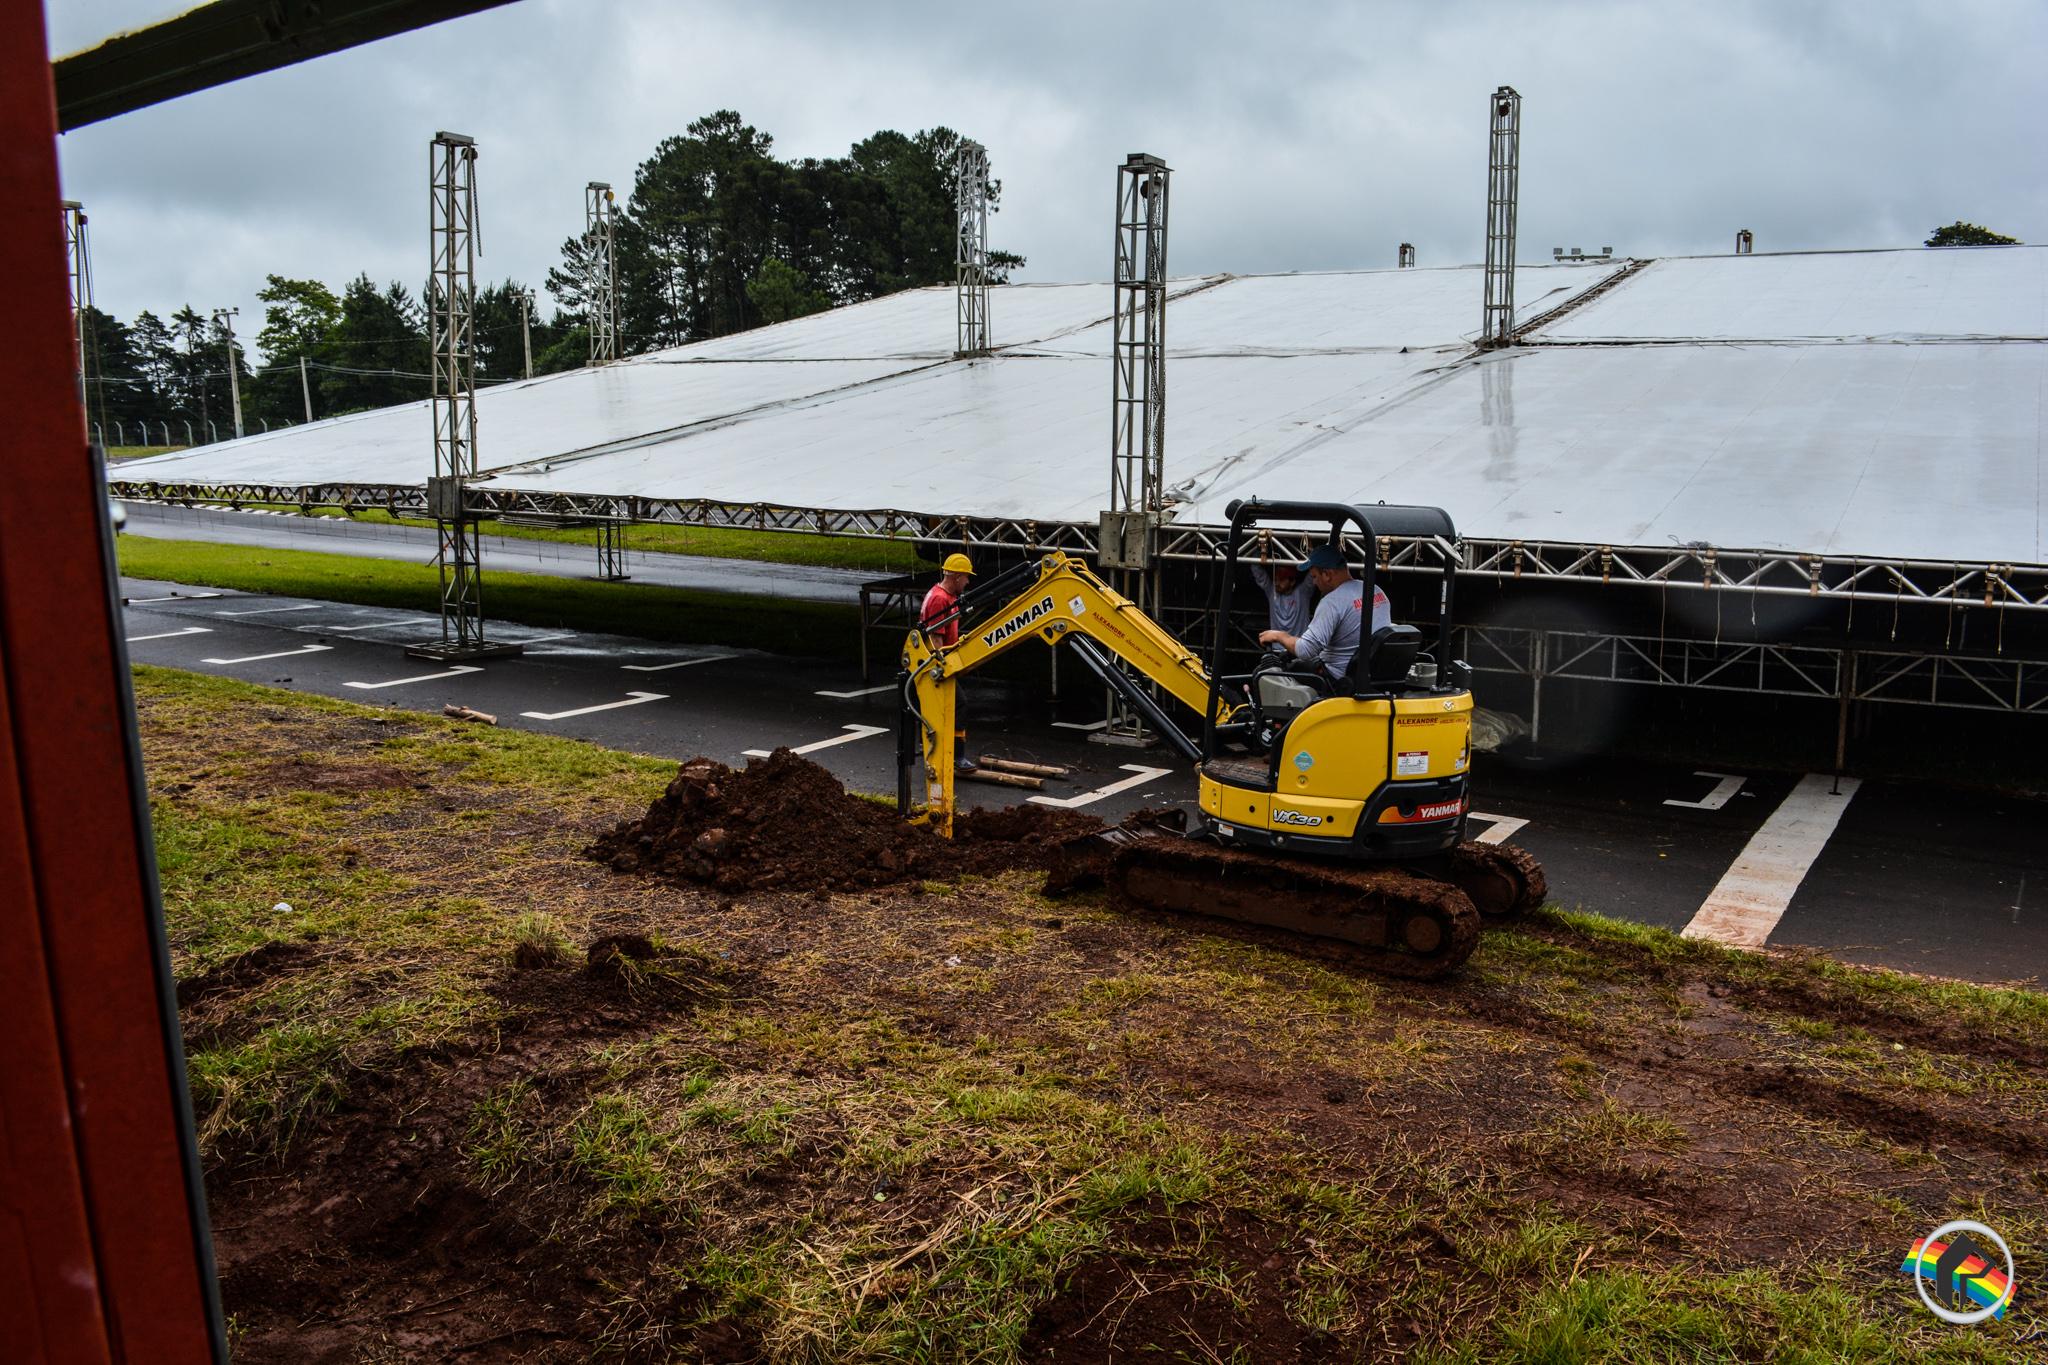 Arena de shows da Faismo terá capacidade para mais de 12 mil pessoas